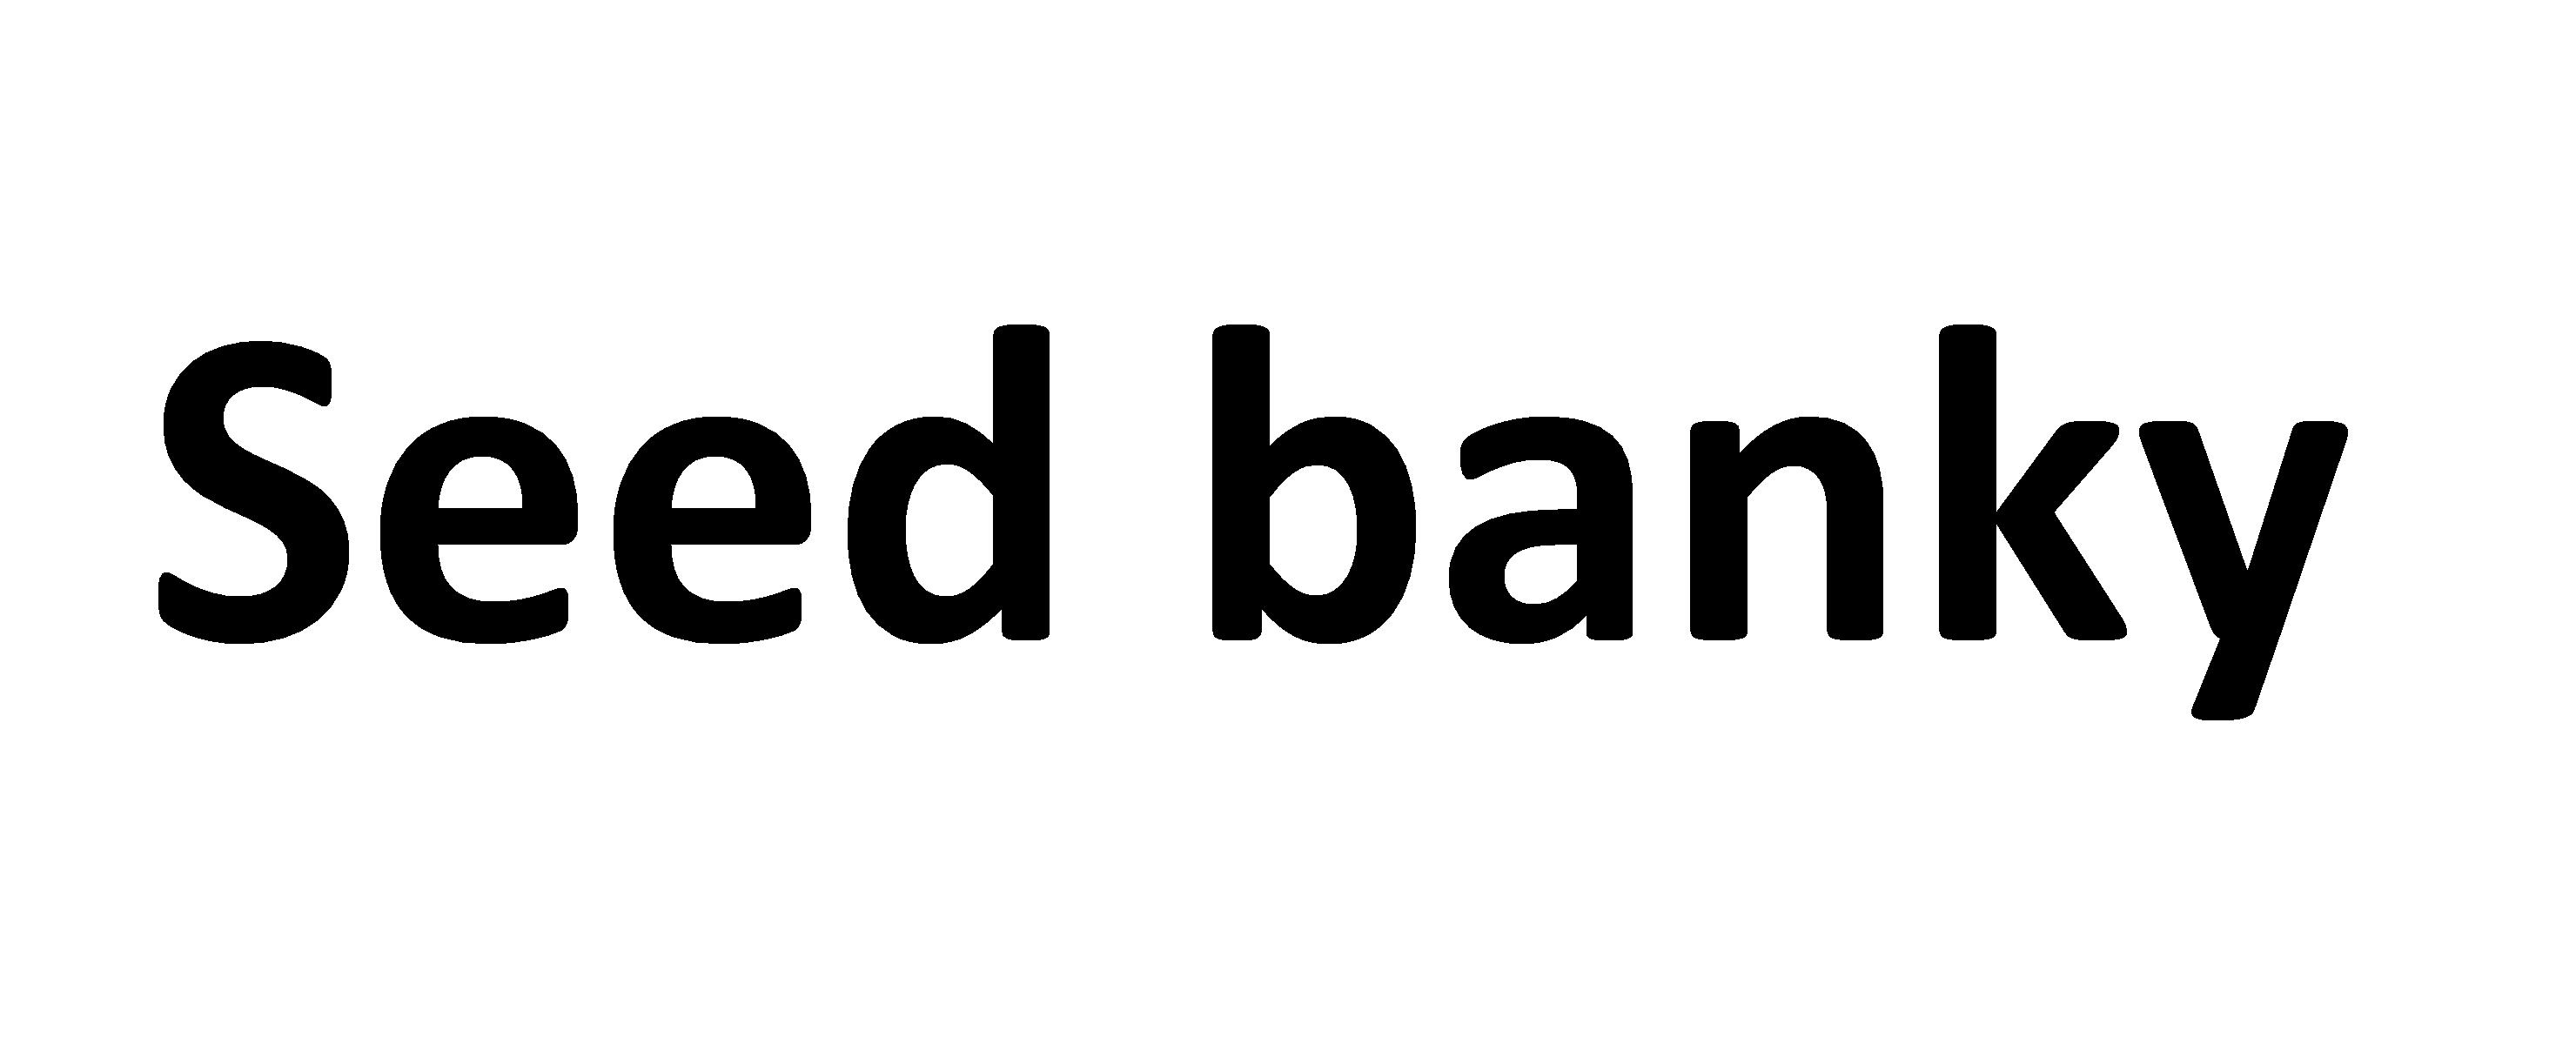 Seedbanky